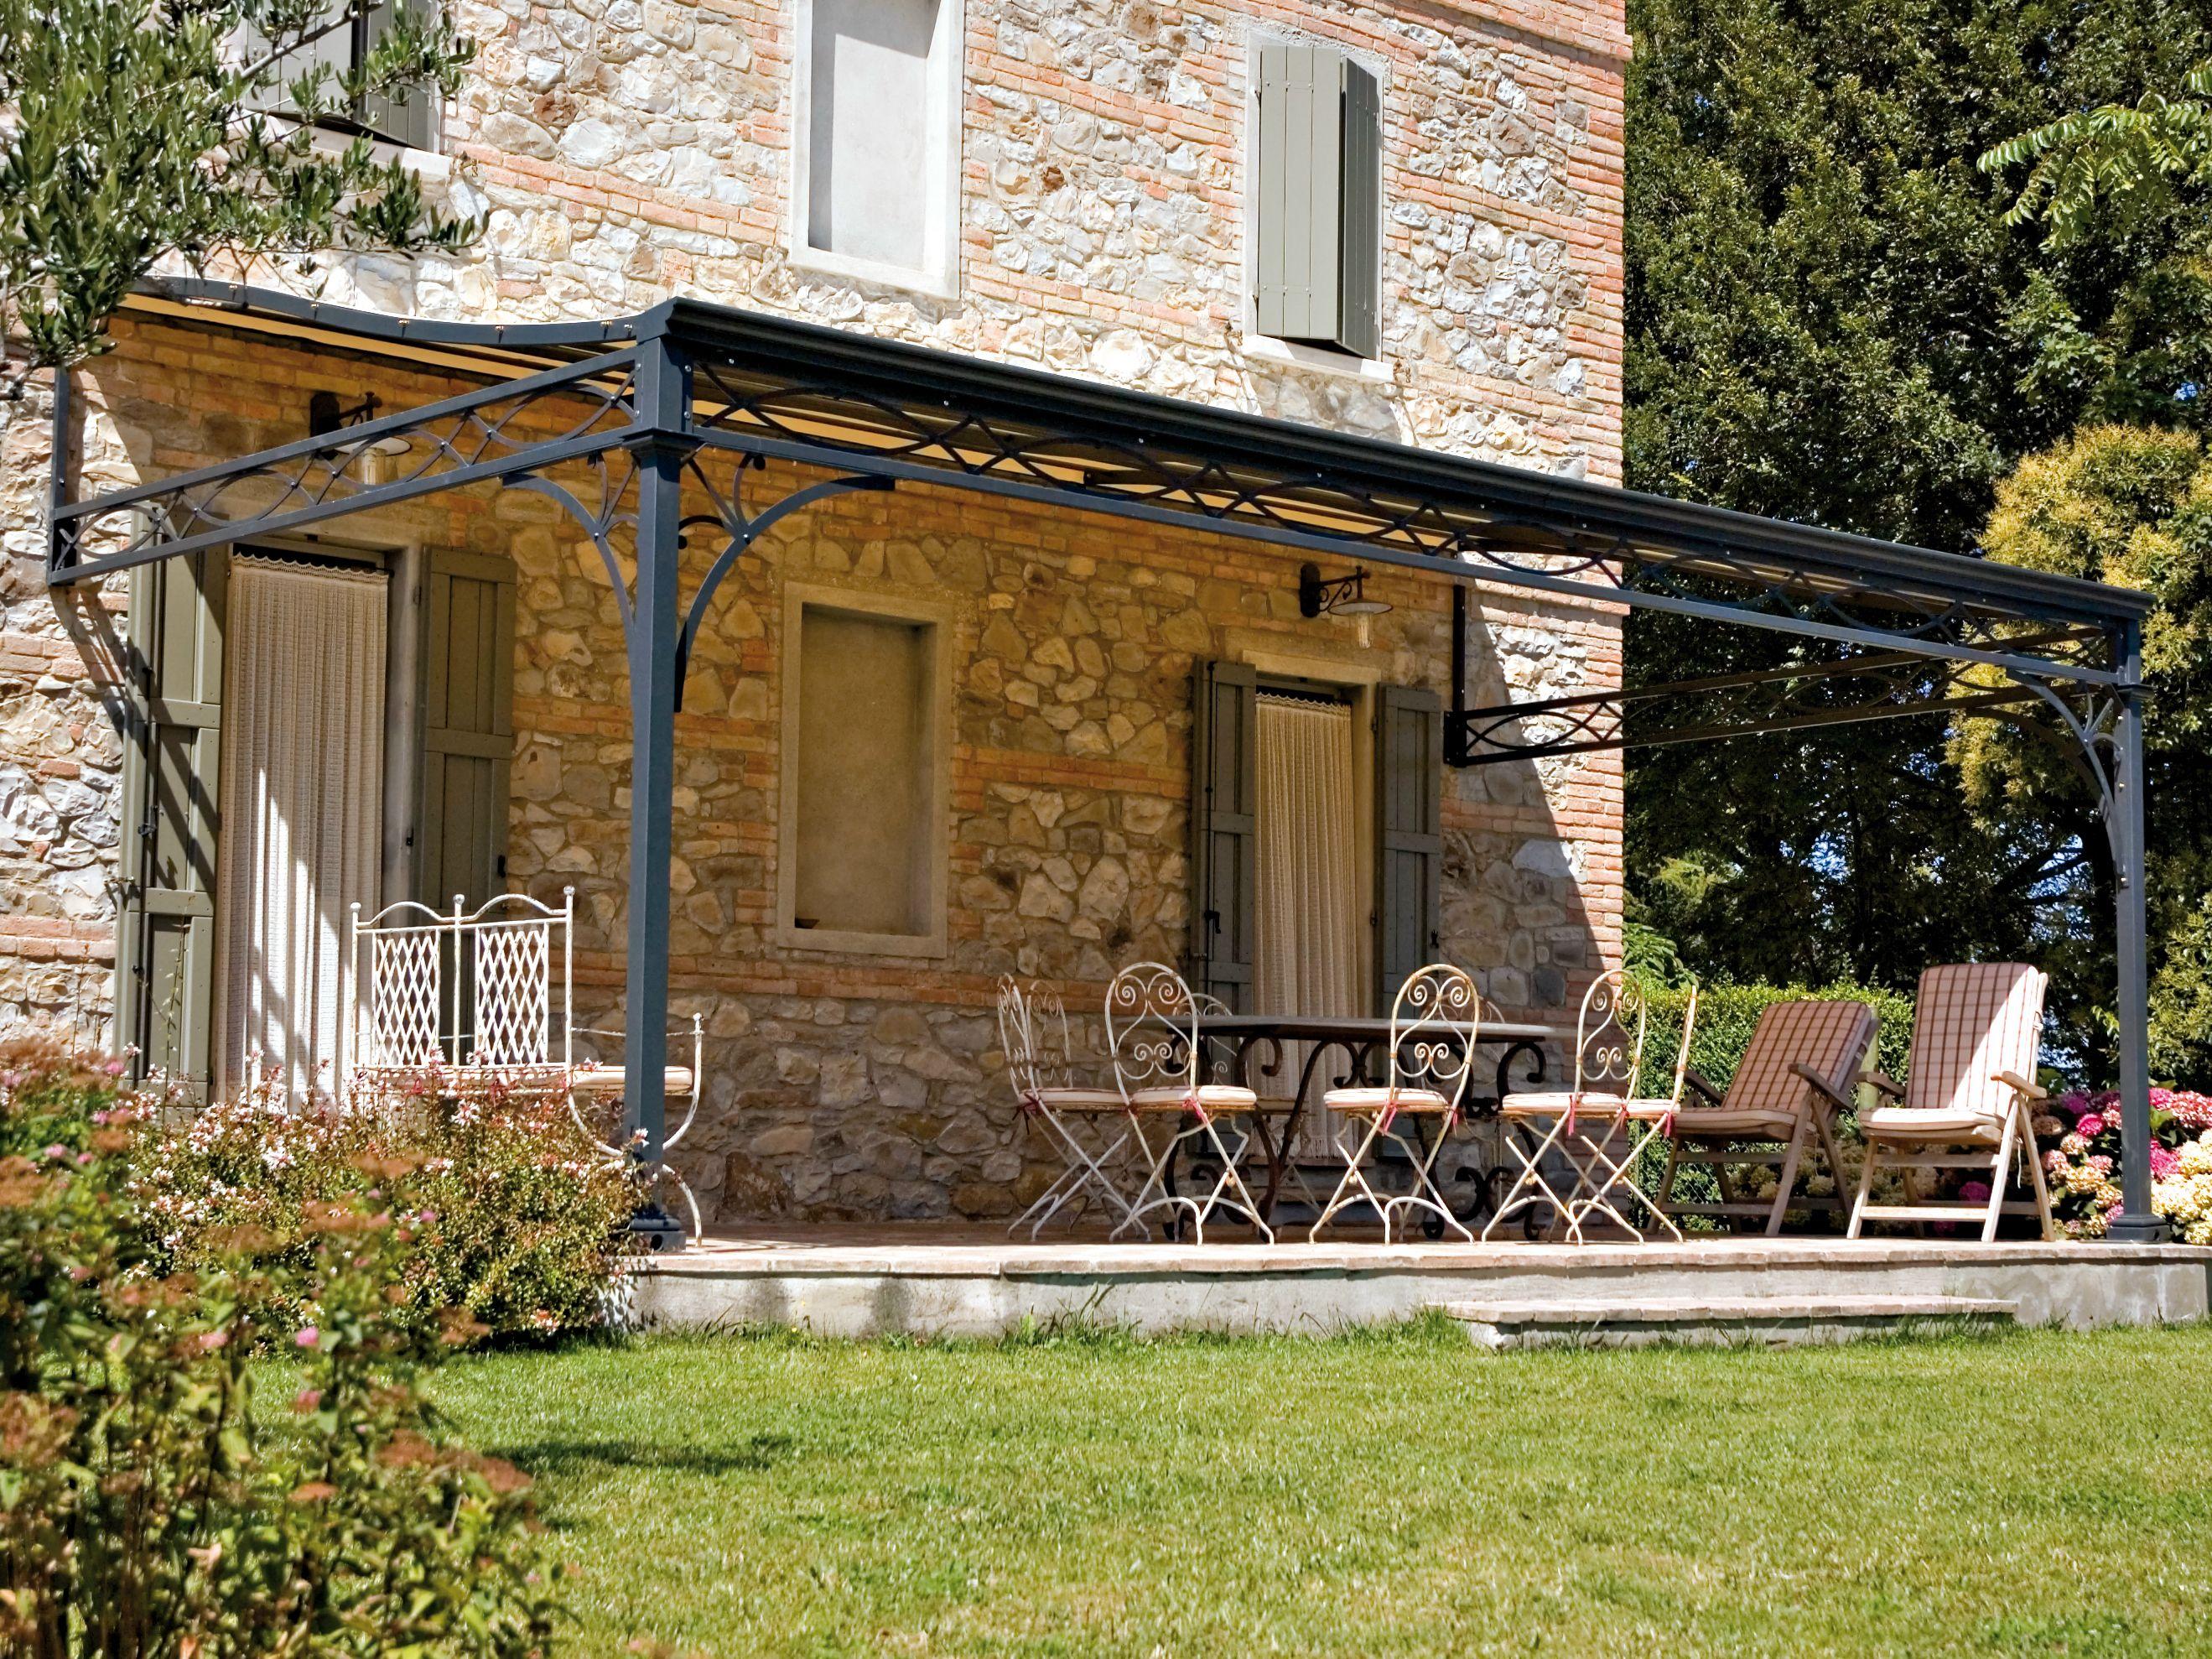 Malatesta terrassen berdachung by unosider for Piani di casa cottage con veranda protetta